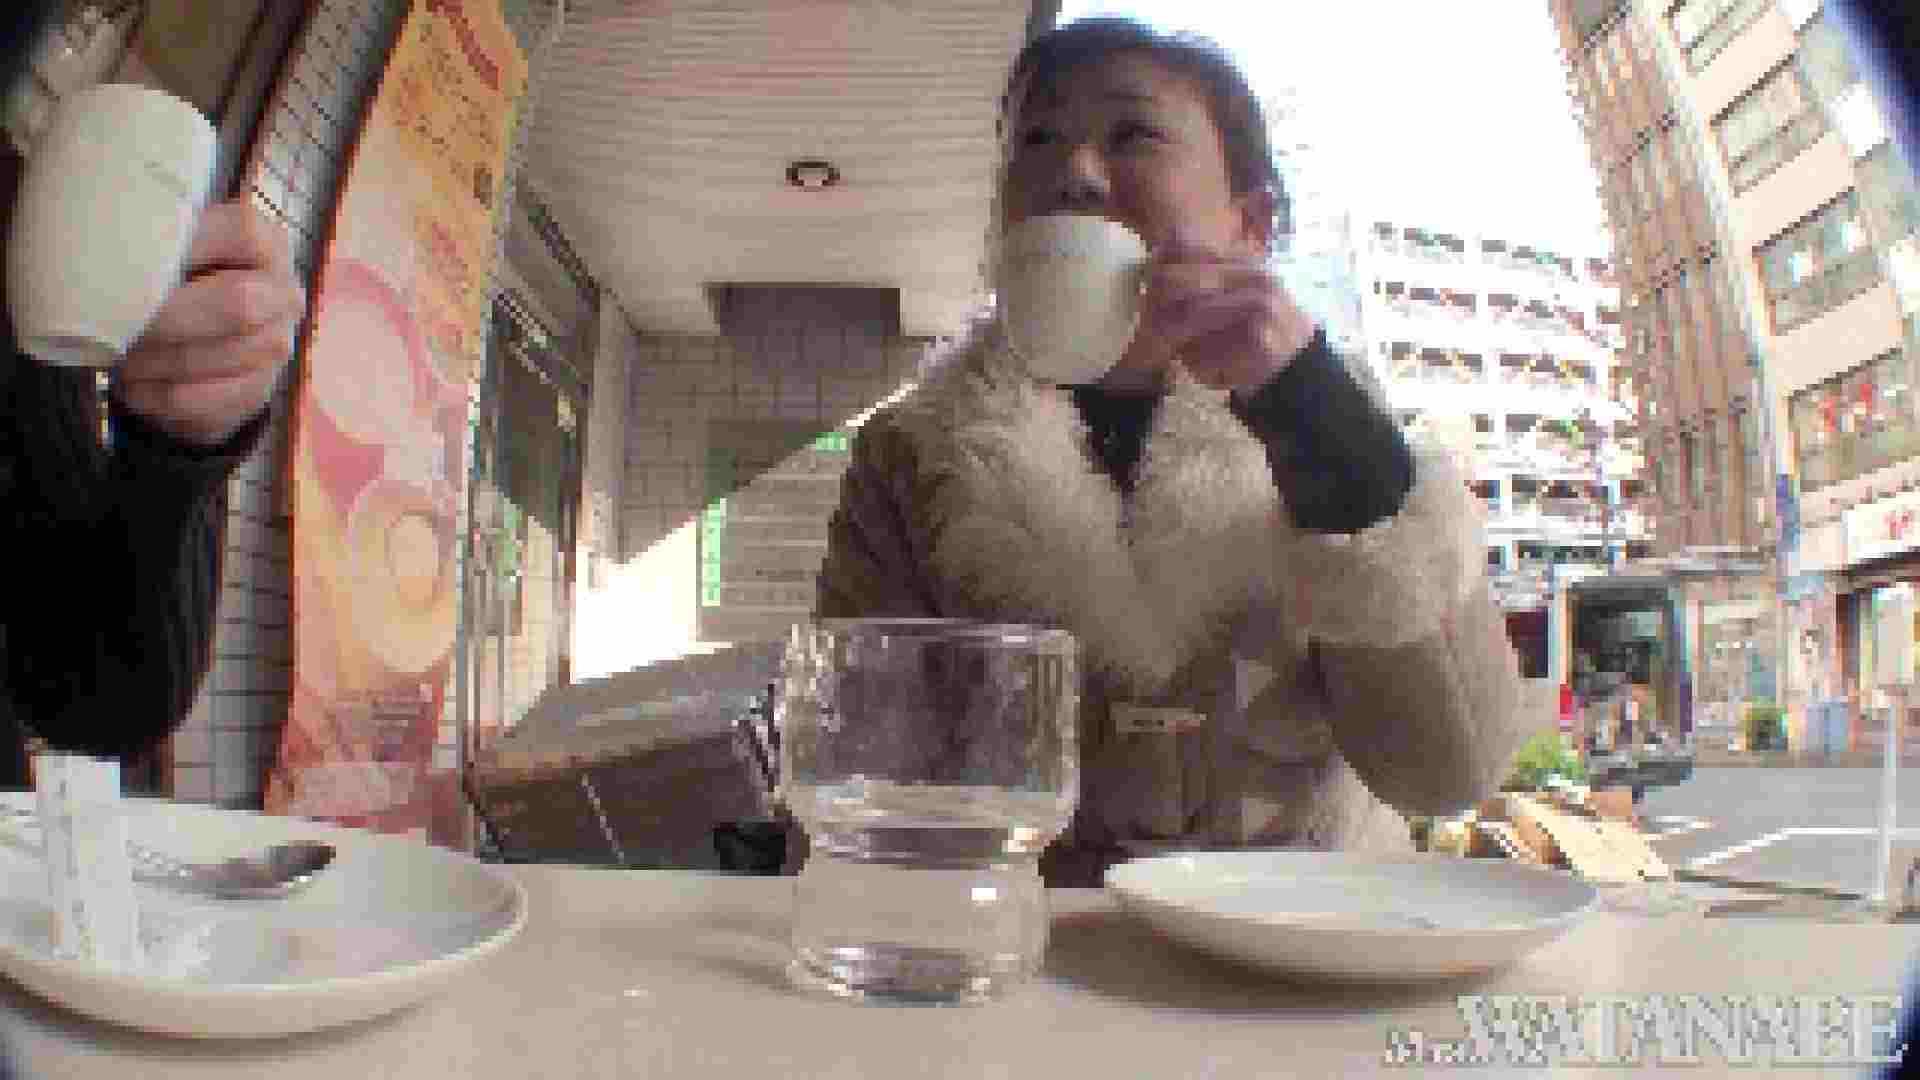 撮影スタッフを誘惑する痴熟女 かおり40歳 Vol.01 素人 オマンコ動画キャプチャ 82pic 18